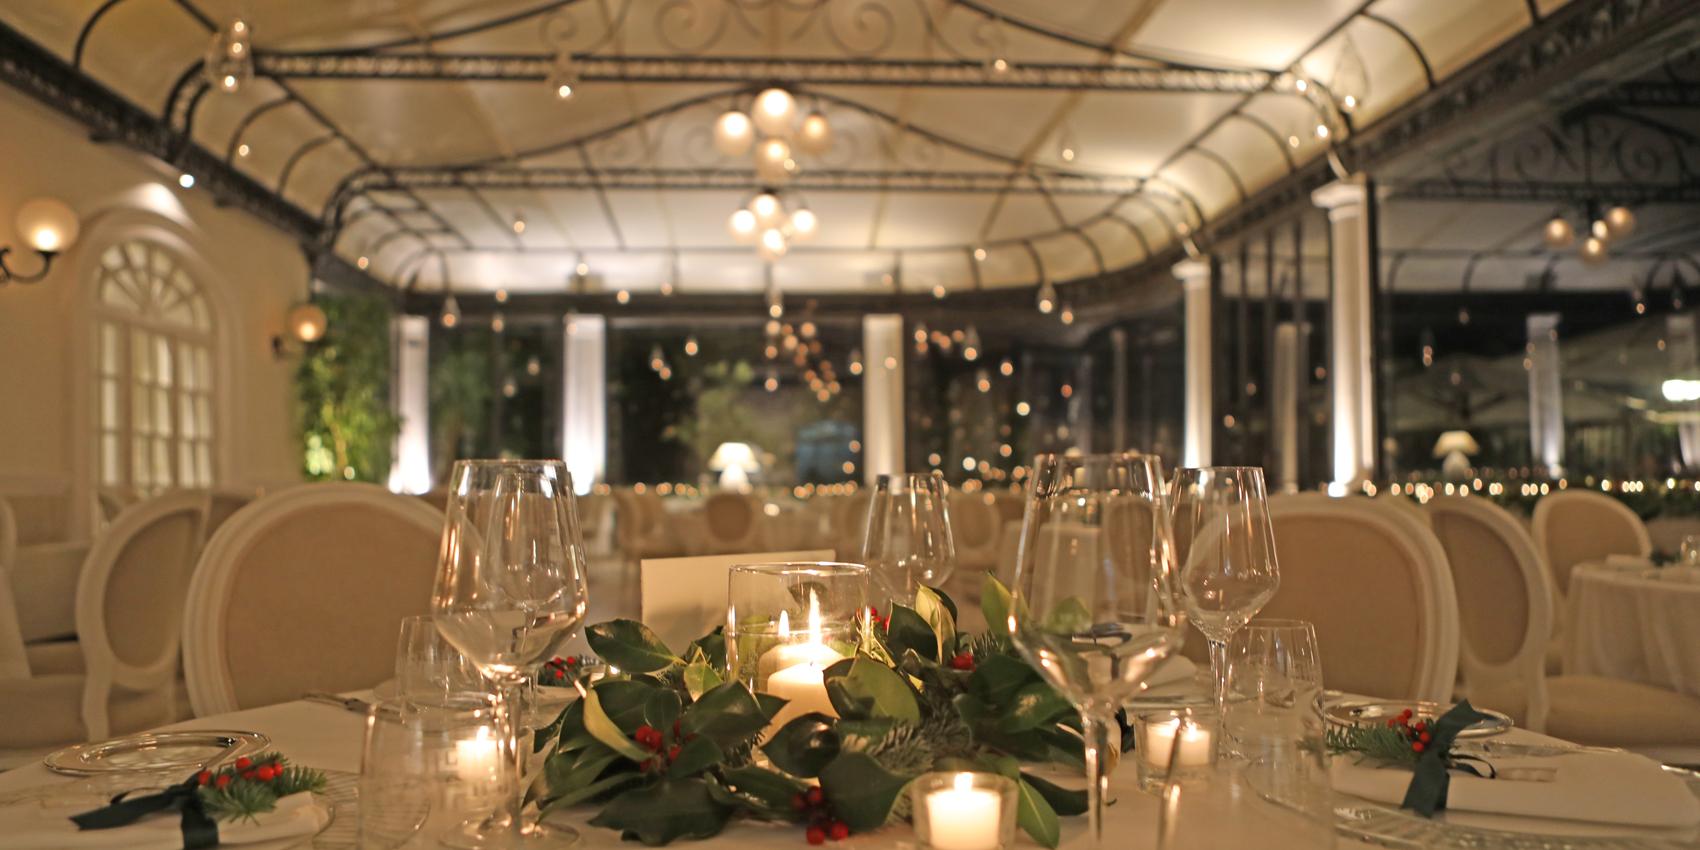 Matrimonio In Dicembre : La medusa matrimonio a dicembre